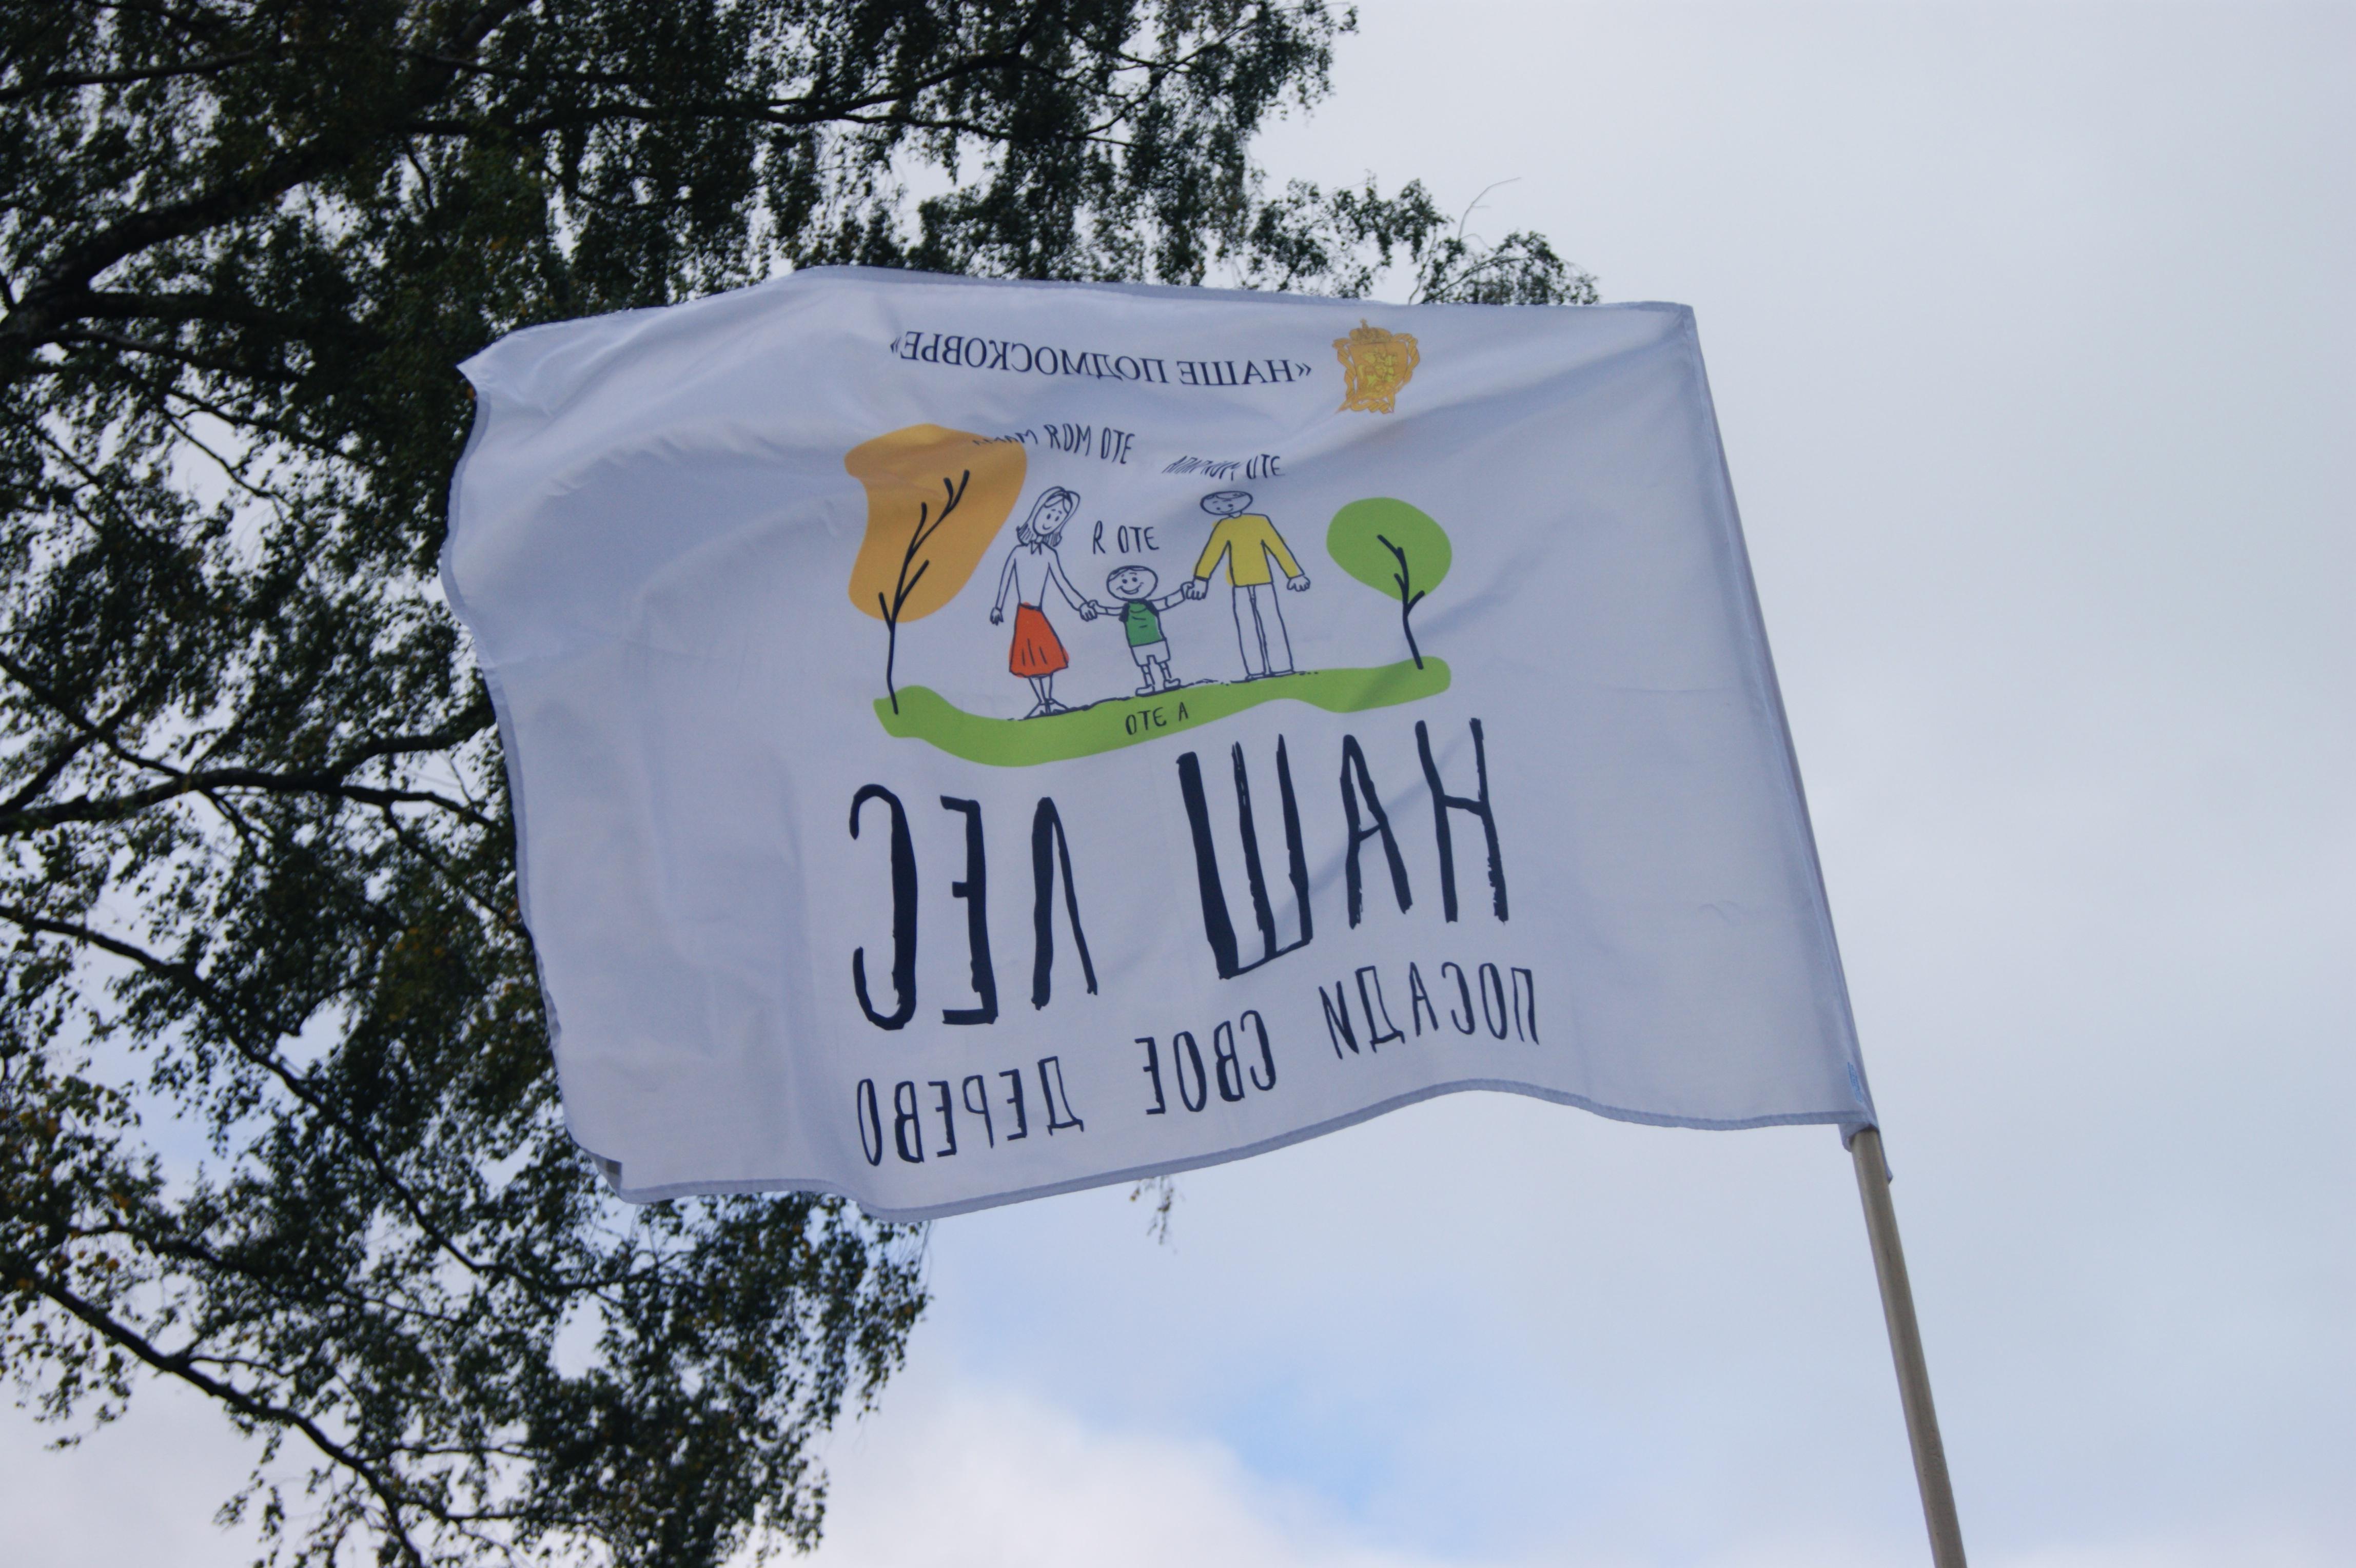 Сотрудники МОРО МОО «Железнодорожный транспорт»высадили более 100 саженцев в рамках акции «Наш лес»